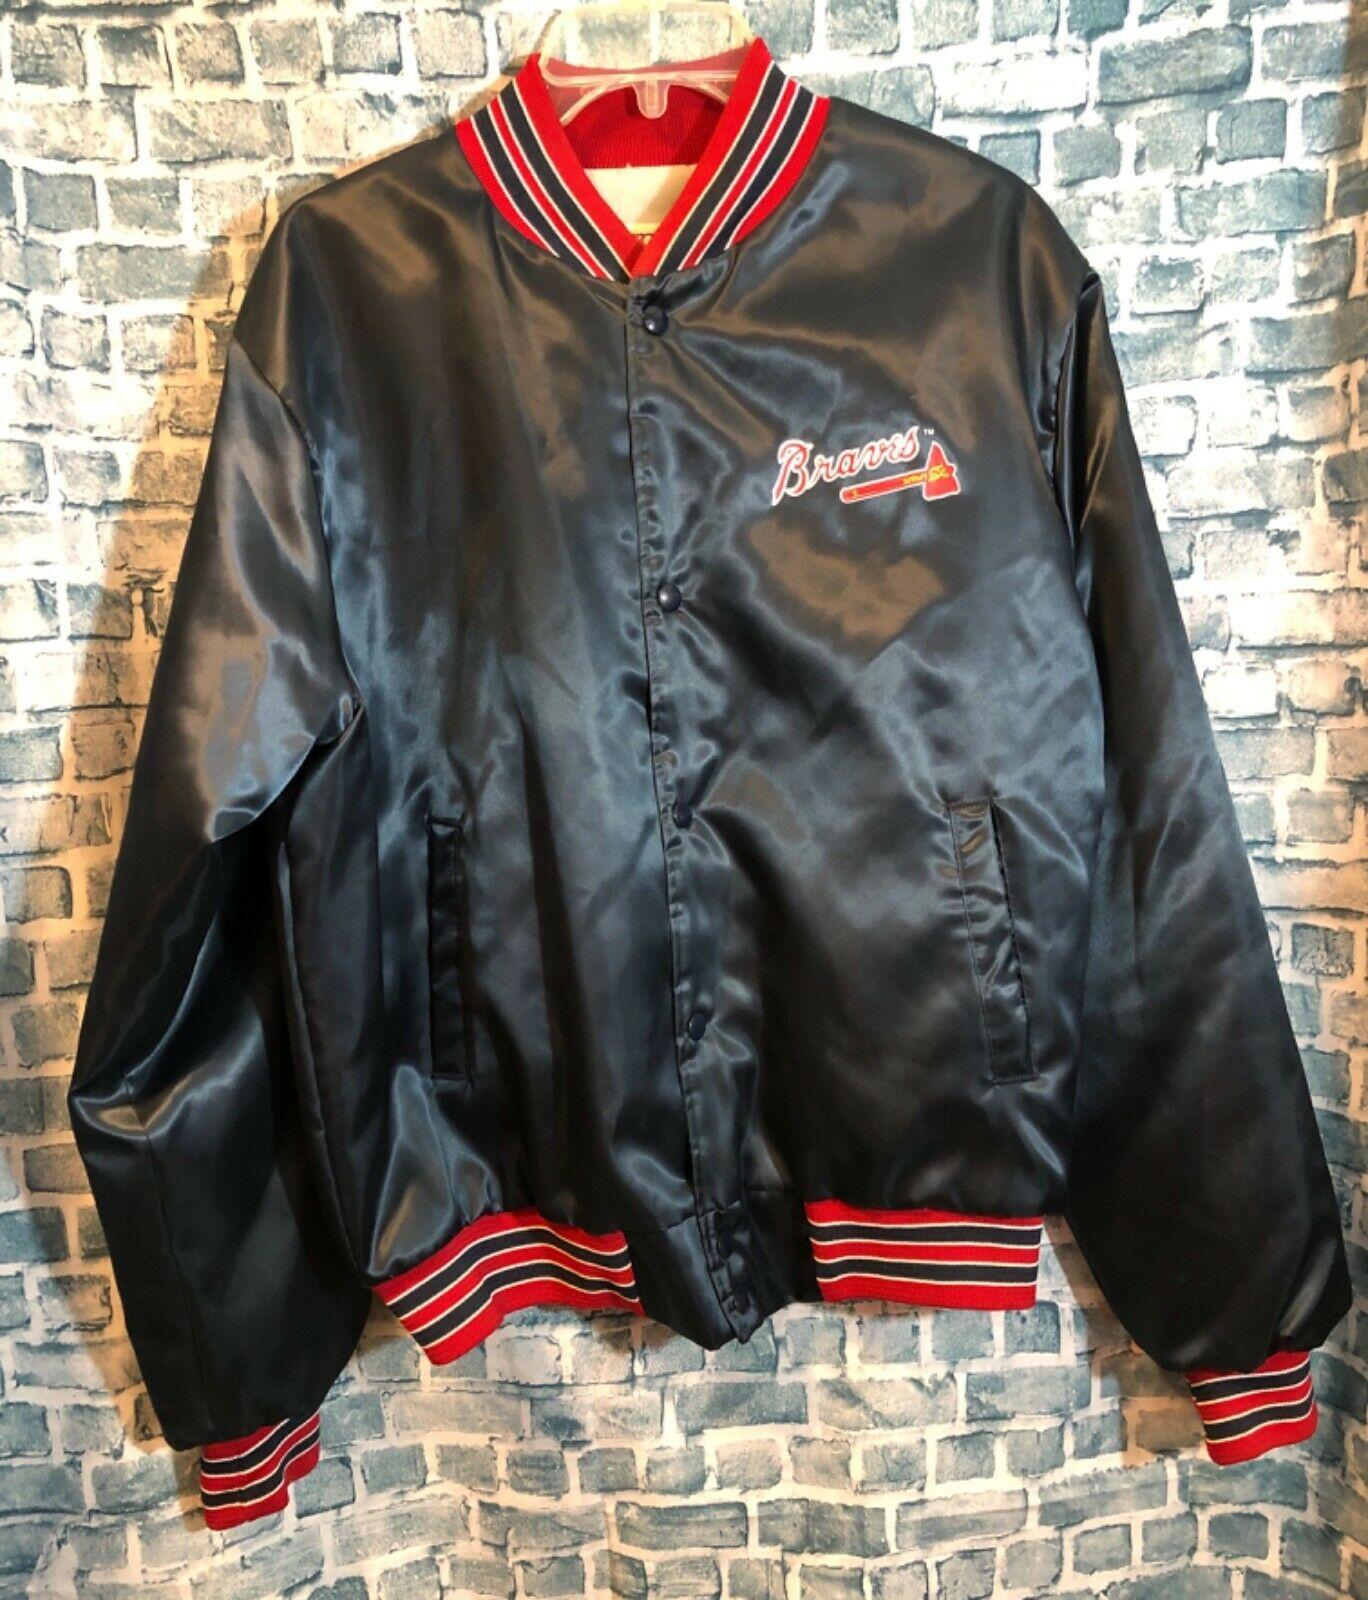 Vtg Locker Line Atlanta Braves Mlb Mens Sz M Satin Varsity Jacket 90s Retro Ebay Atlanta Braves Mlb Jackets Hooded Jacket Sweatshirts